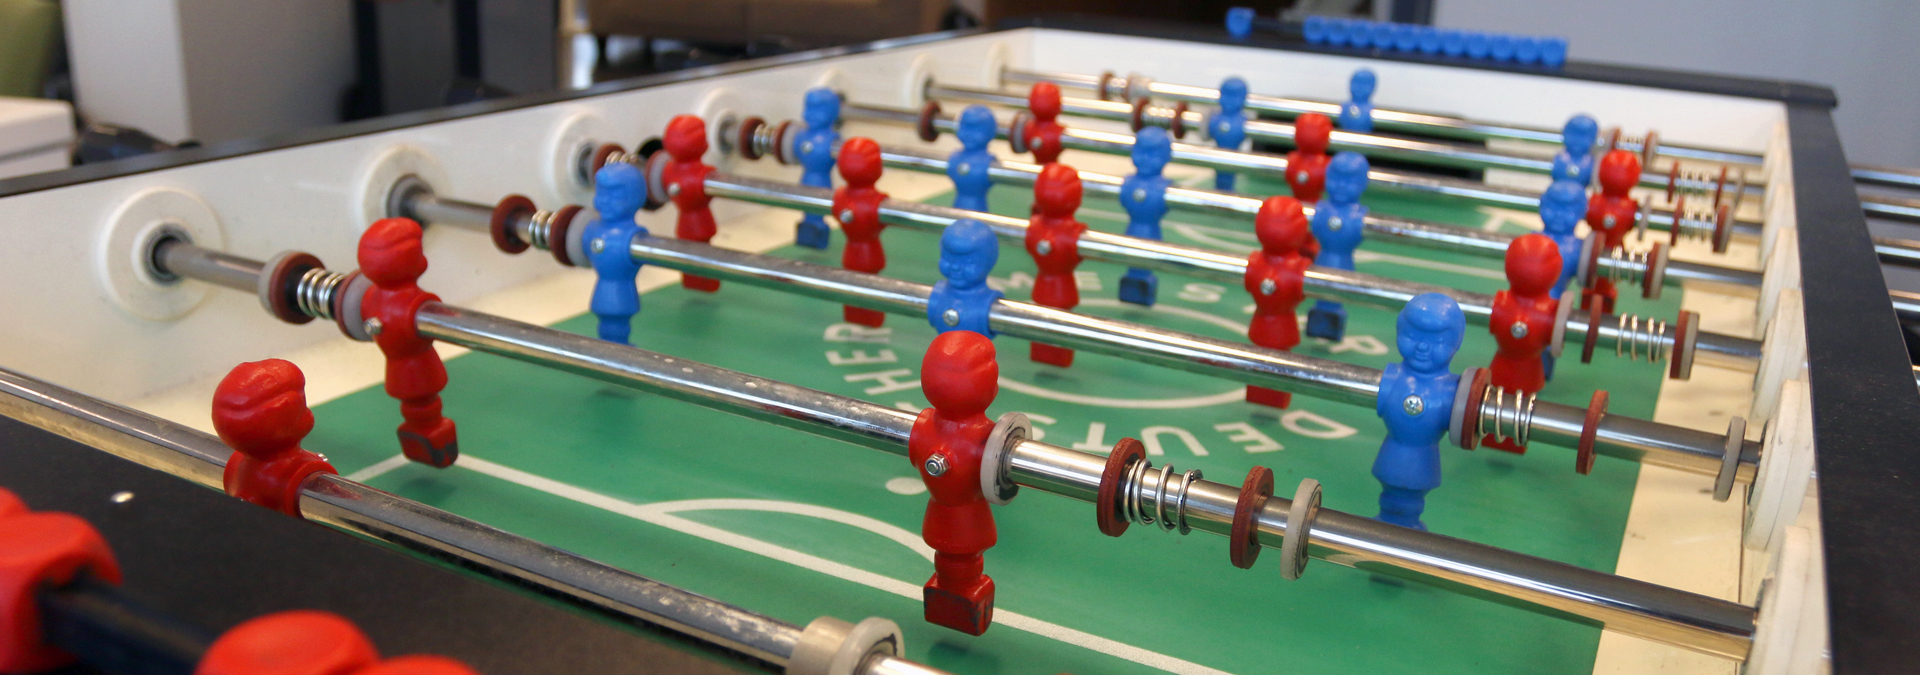 Career at WAACS involves table soccer